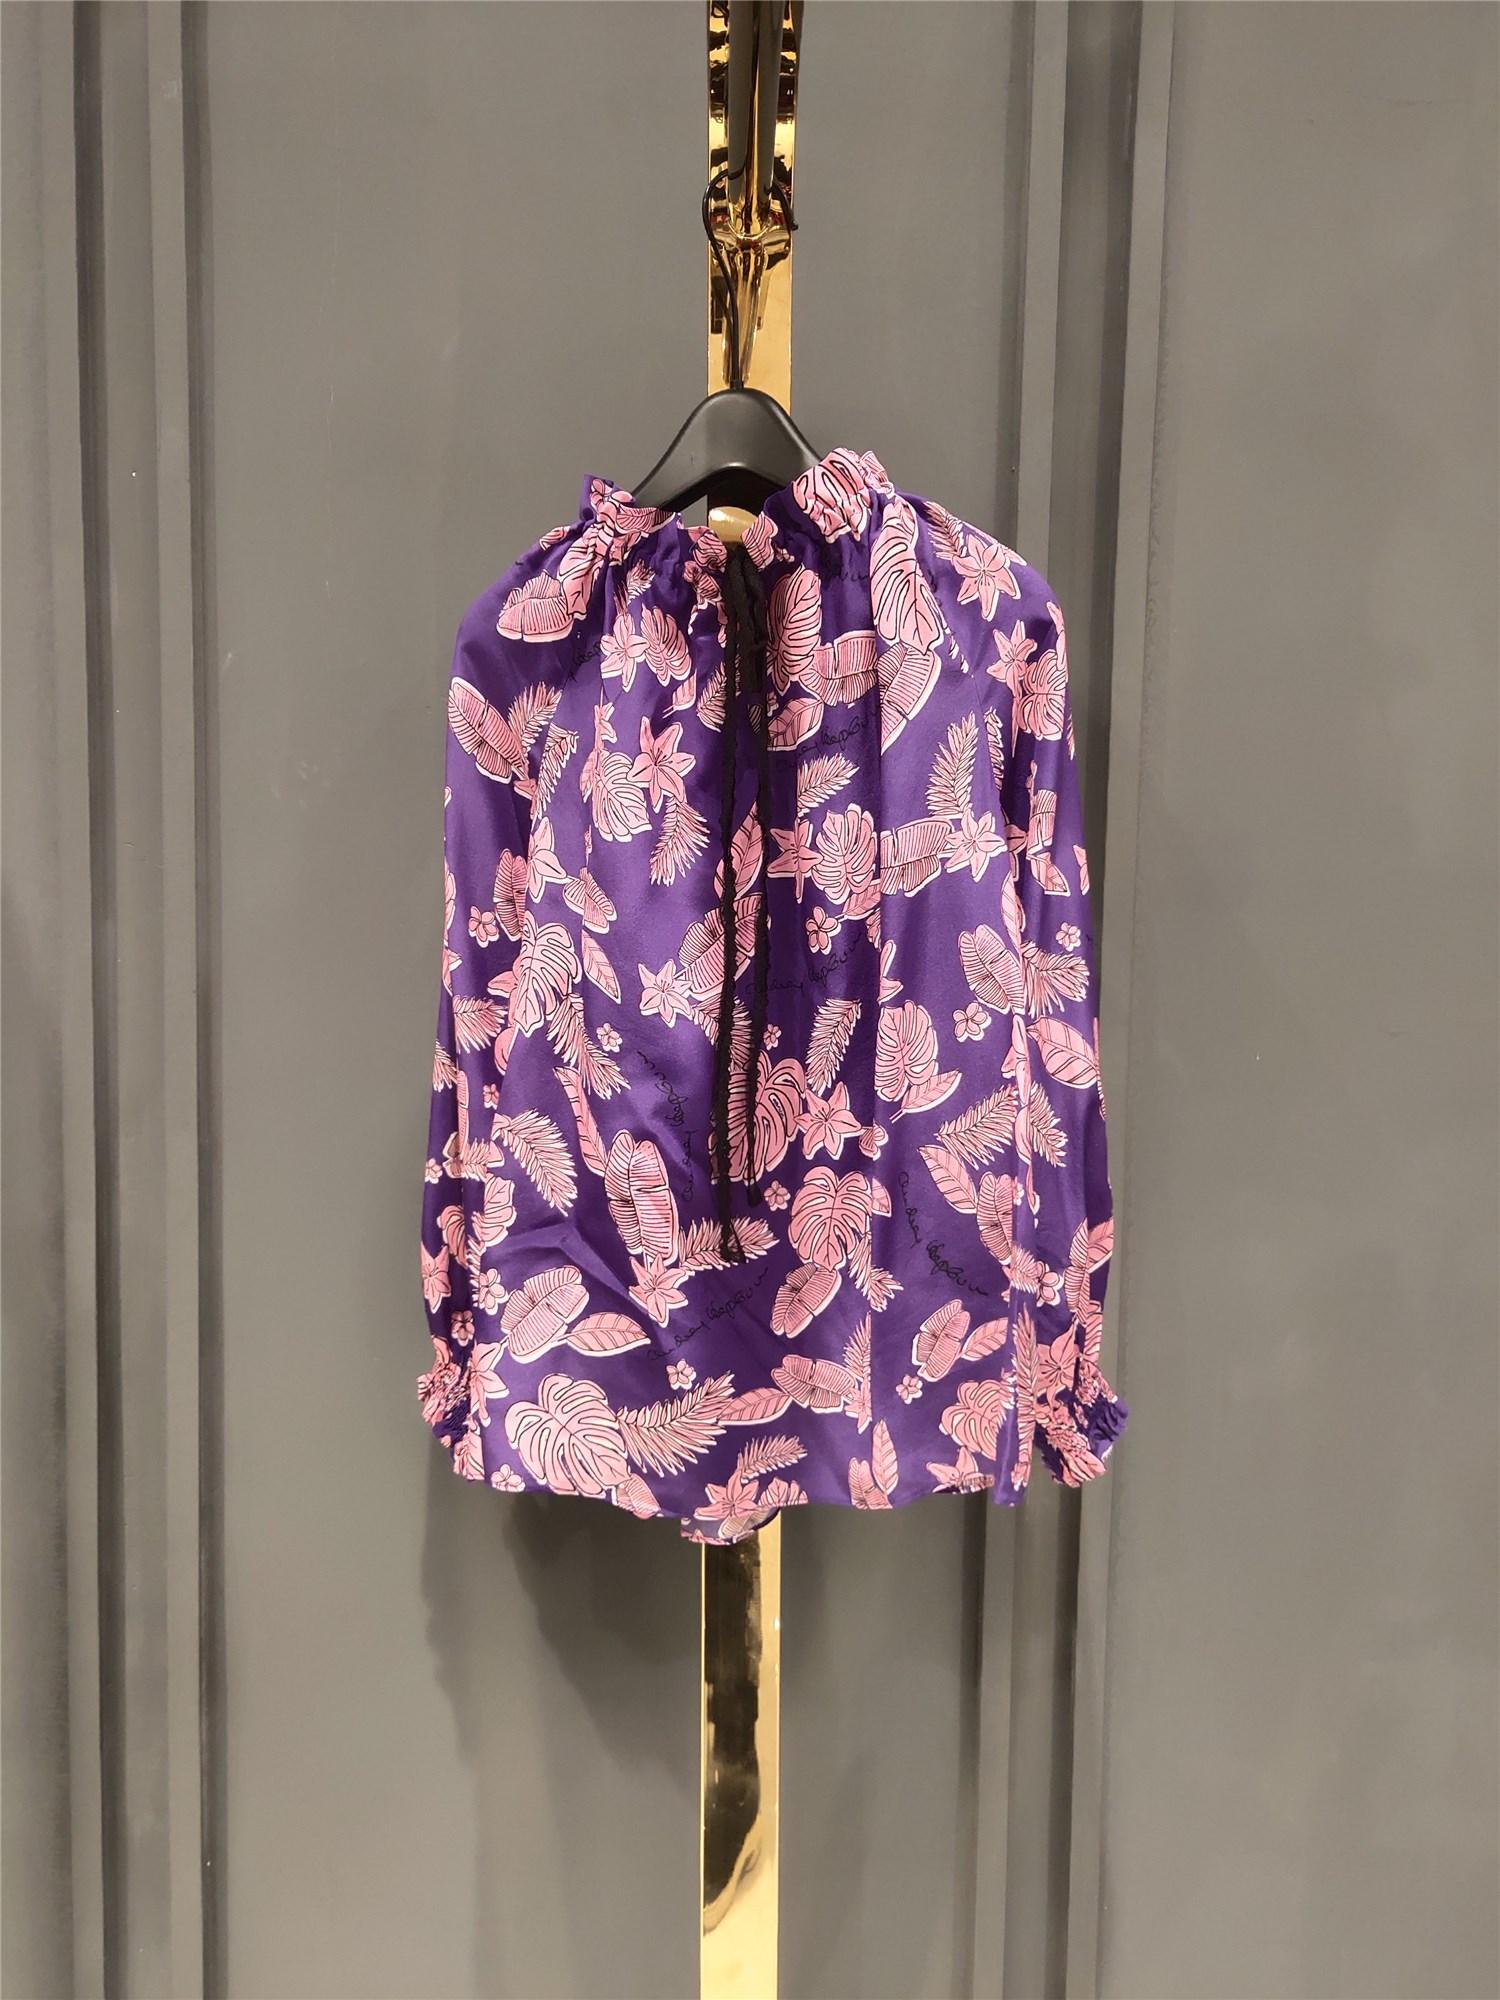 OU.欧点国内专柜2020夏波西米亚桑蚕丝花衬衫1201123014正品代购